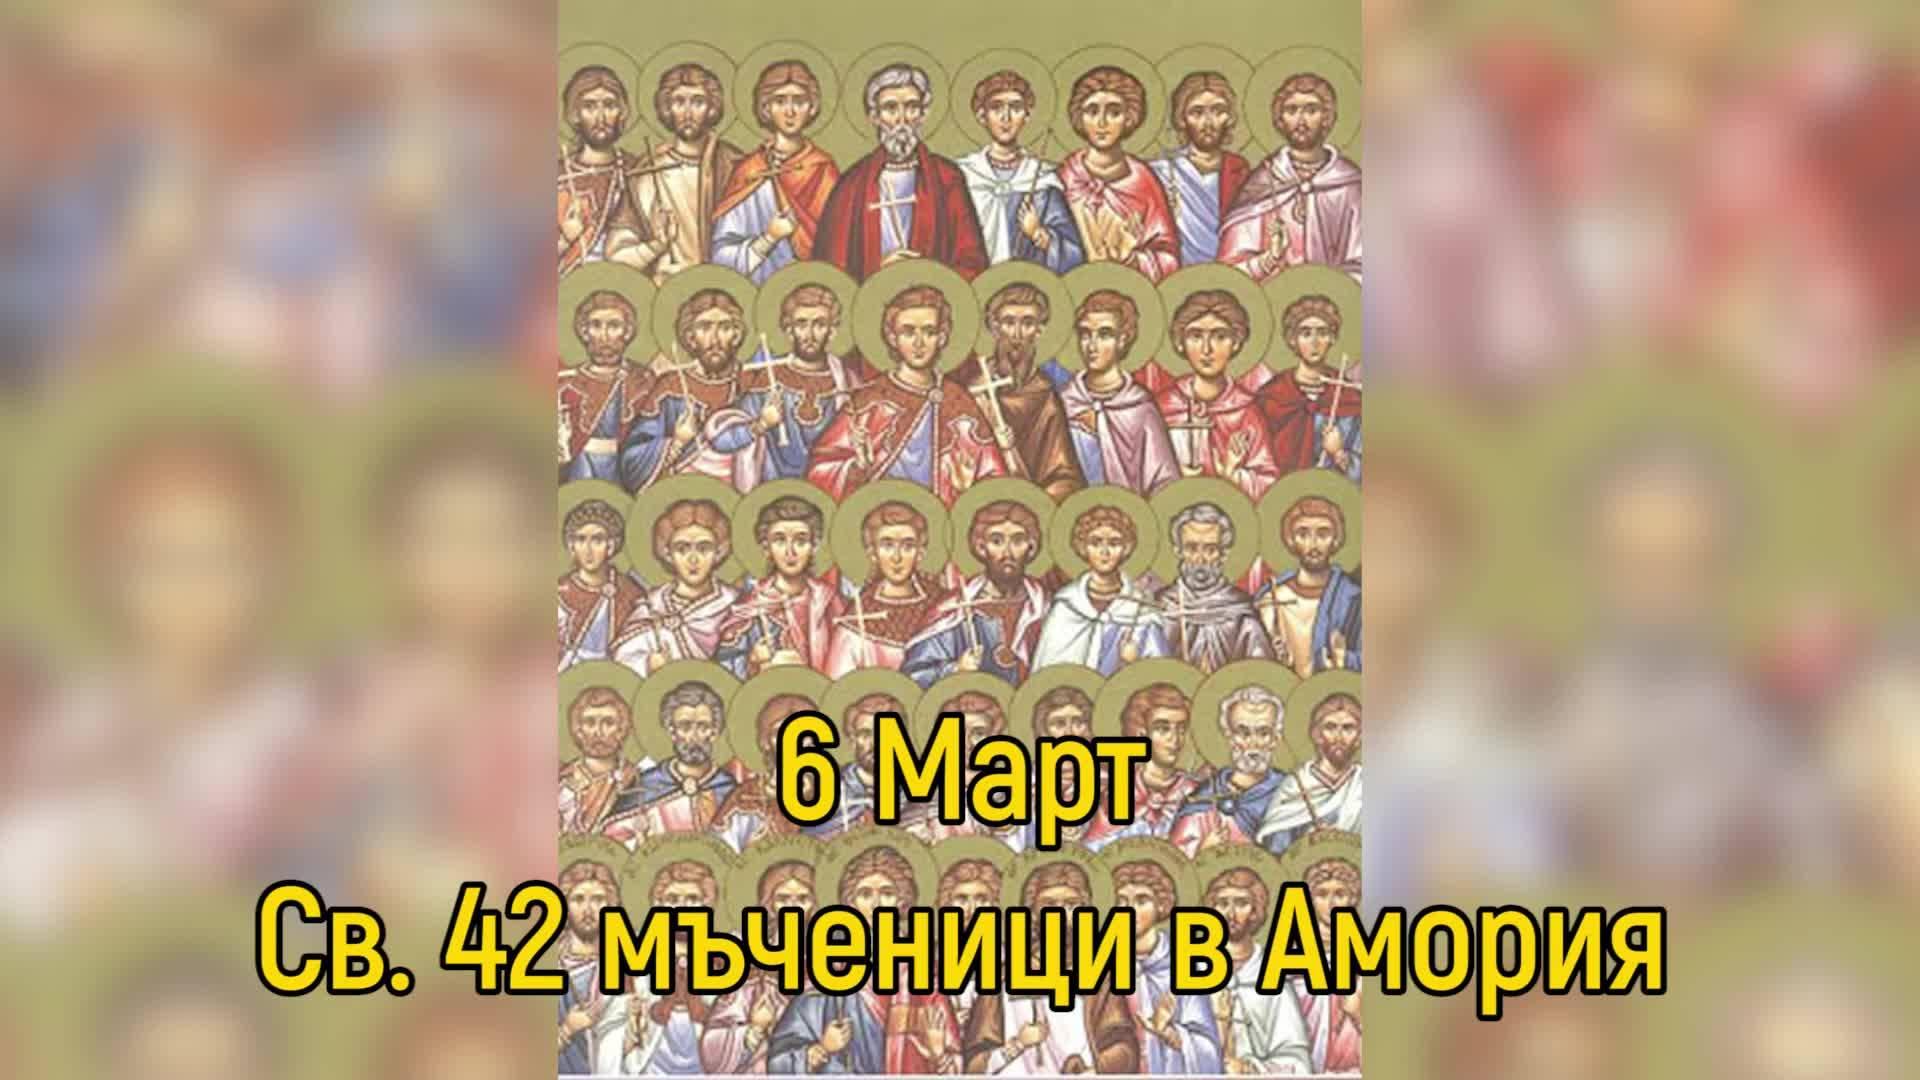 6 Март - Св. 42 мъченици в Амория